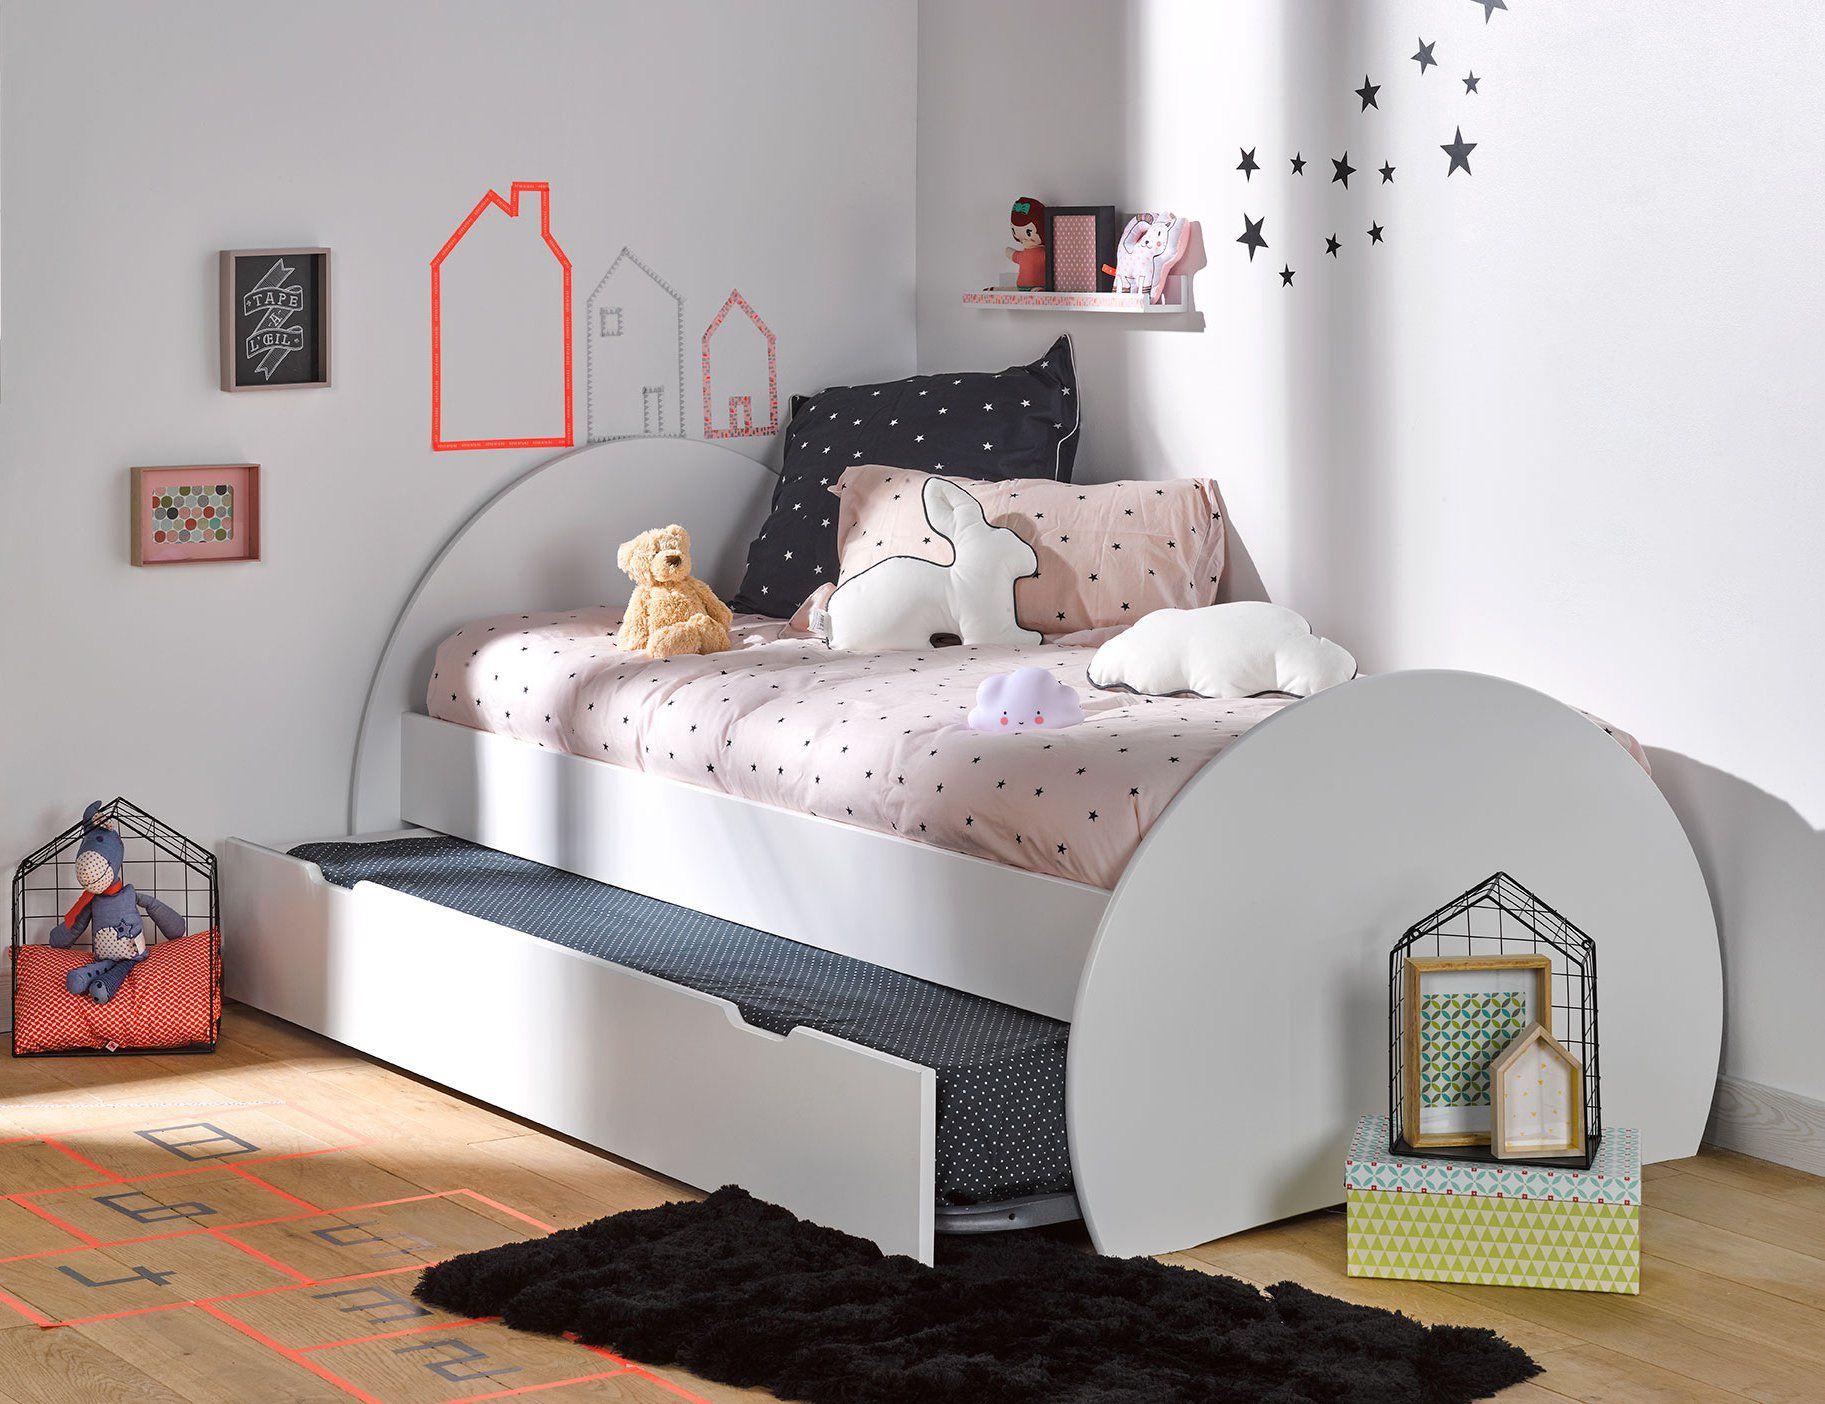 un lit gigogne tout rond pour chambre d 39 enfant ou de petite fille blanc pour inviter des copines. Black Bedroom Furniture Sets. Home Design Ideas